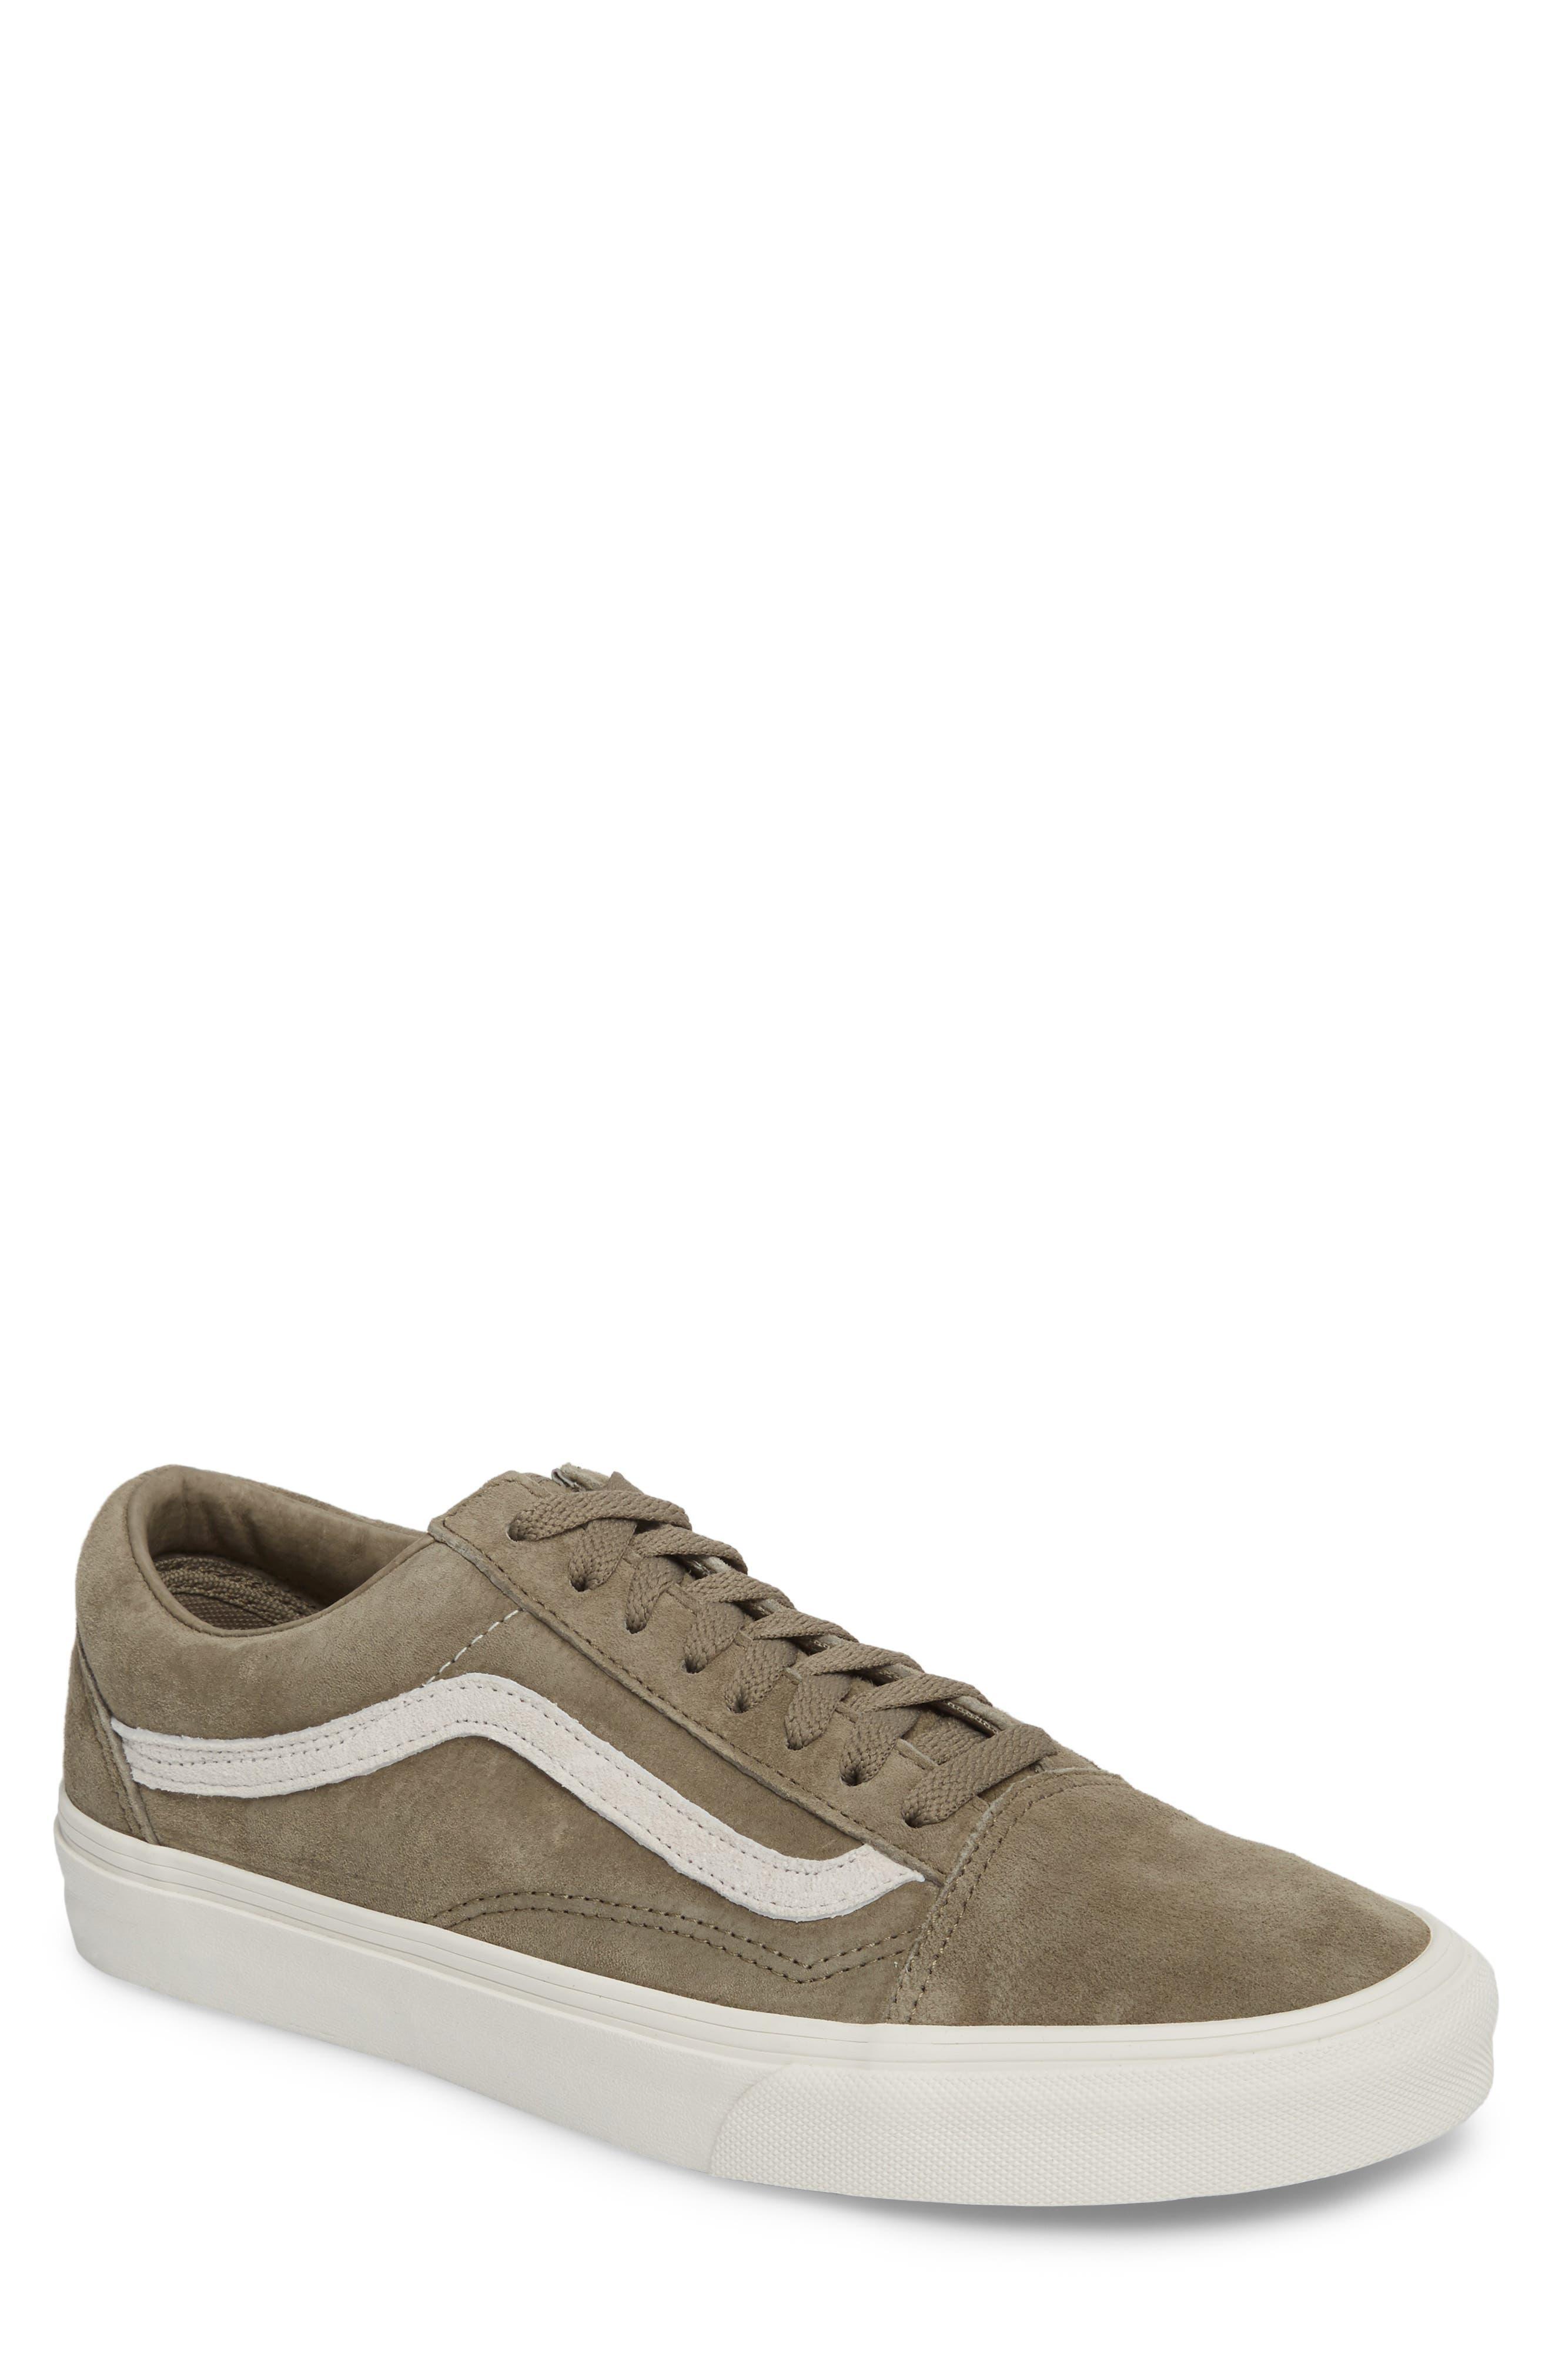 Suede Old Skool Sneaker,                         Main,                         color, 020